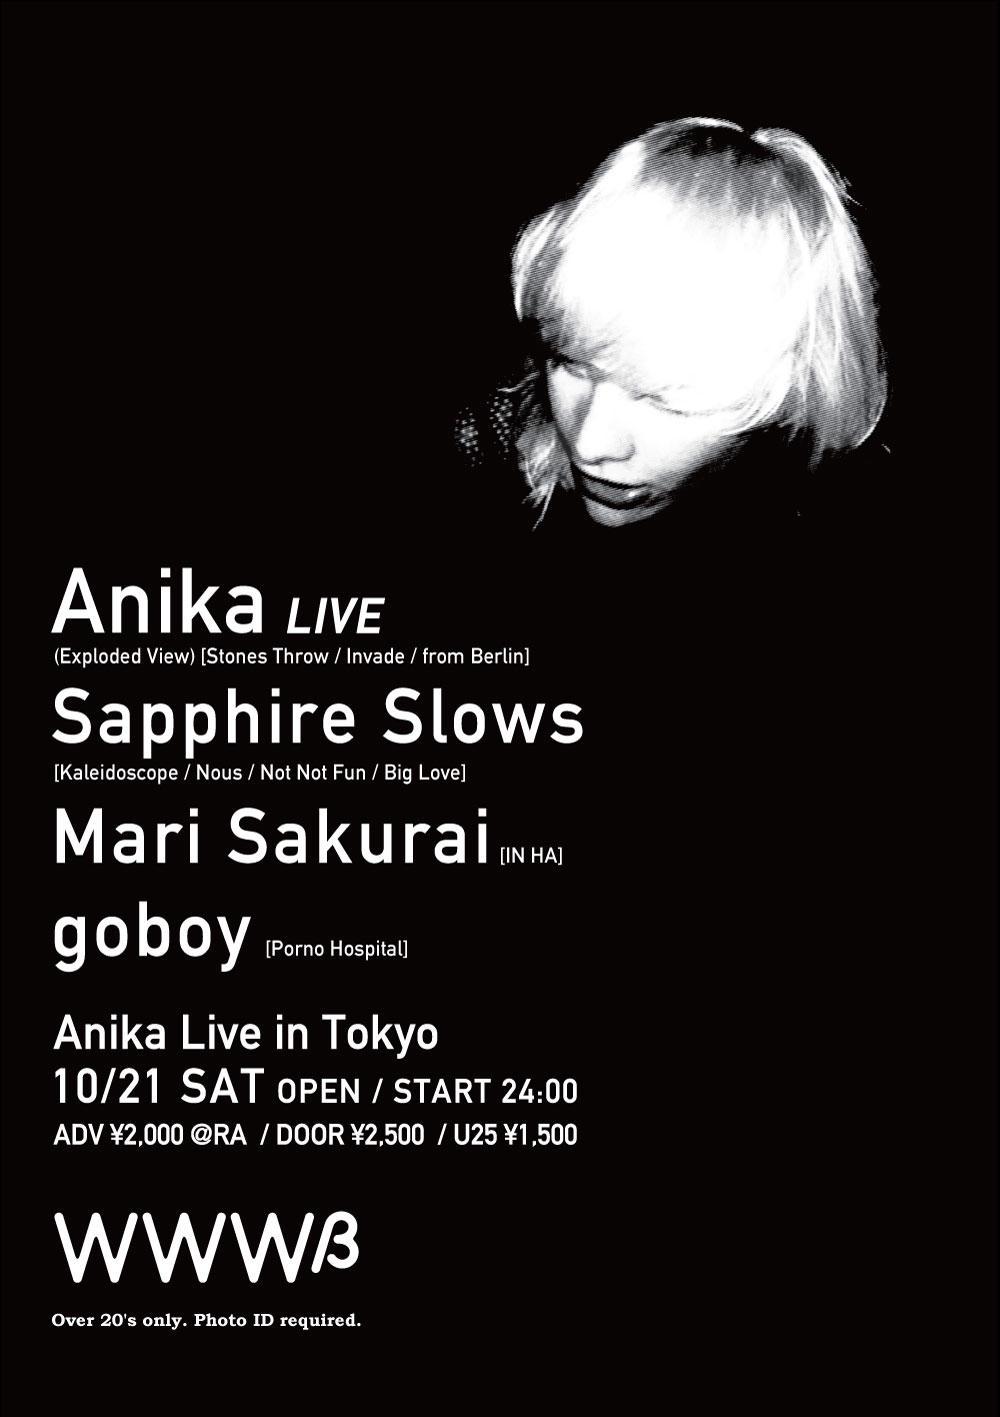 Anika / Sapphire Slows / Mari Sakurai / goboy